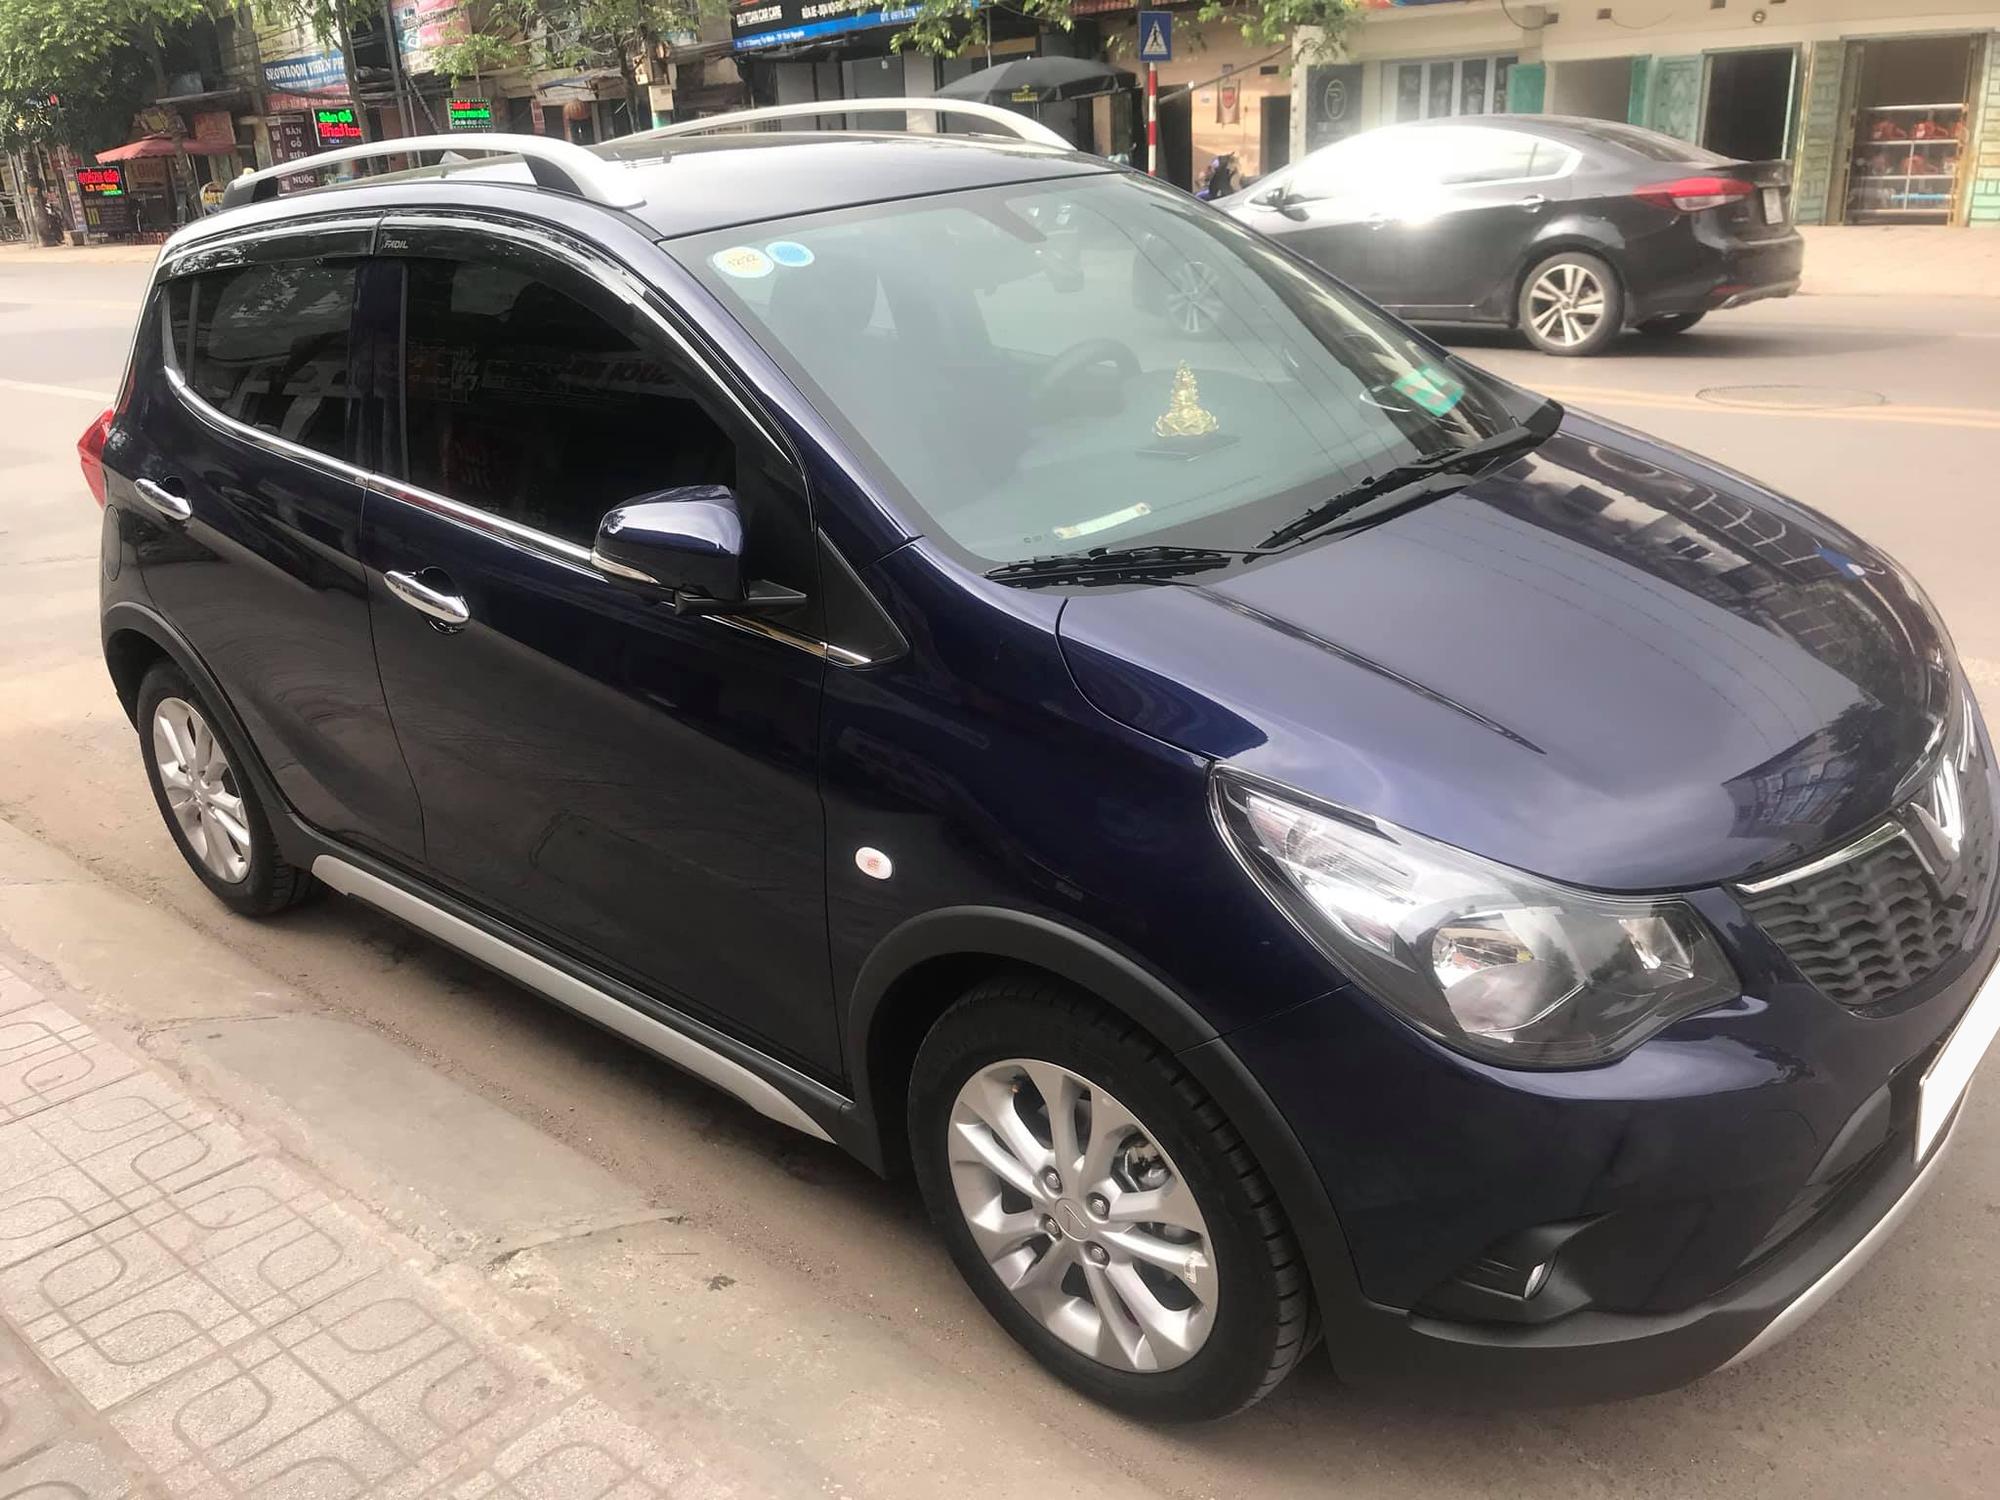 Độ VinFast Fadil bản Tiêu chuẩn lên full option, chủ xe bất ngờ rao bán với giá chưa tới 400 triệu, lấy lý do: Cần tiền tiêu Tết - Ảnh 3.